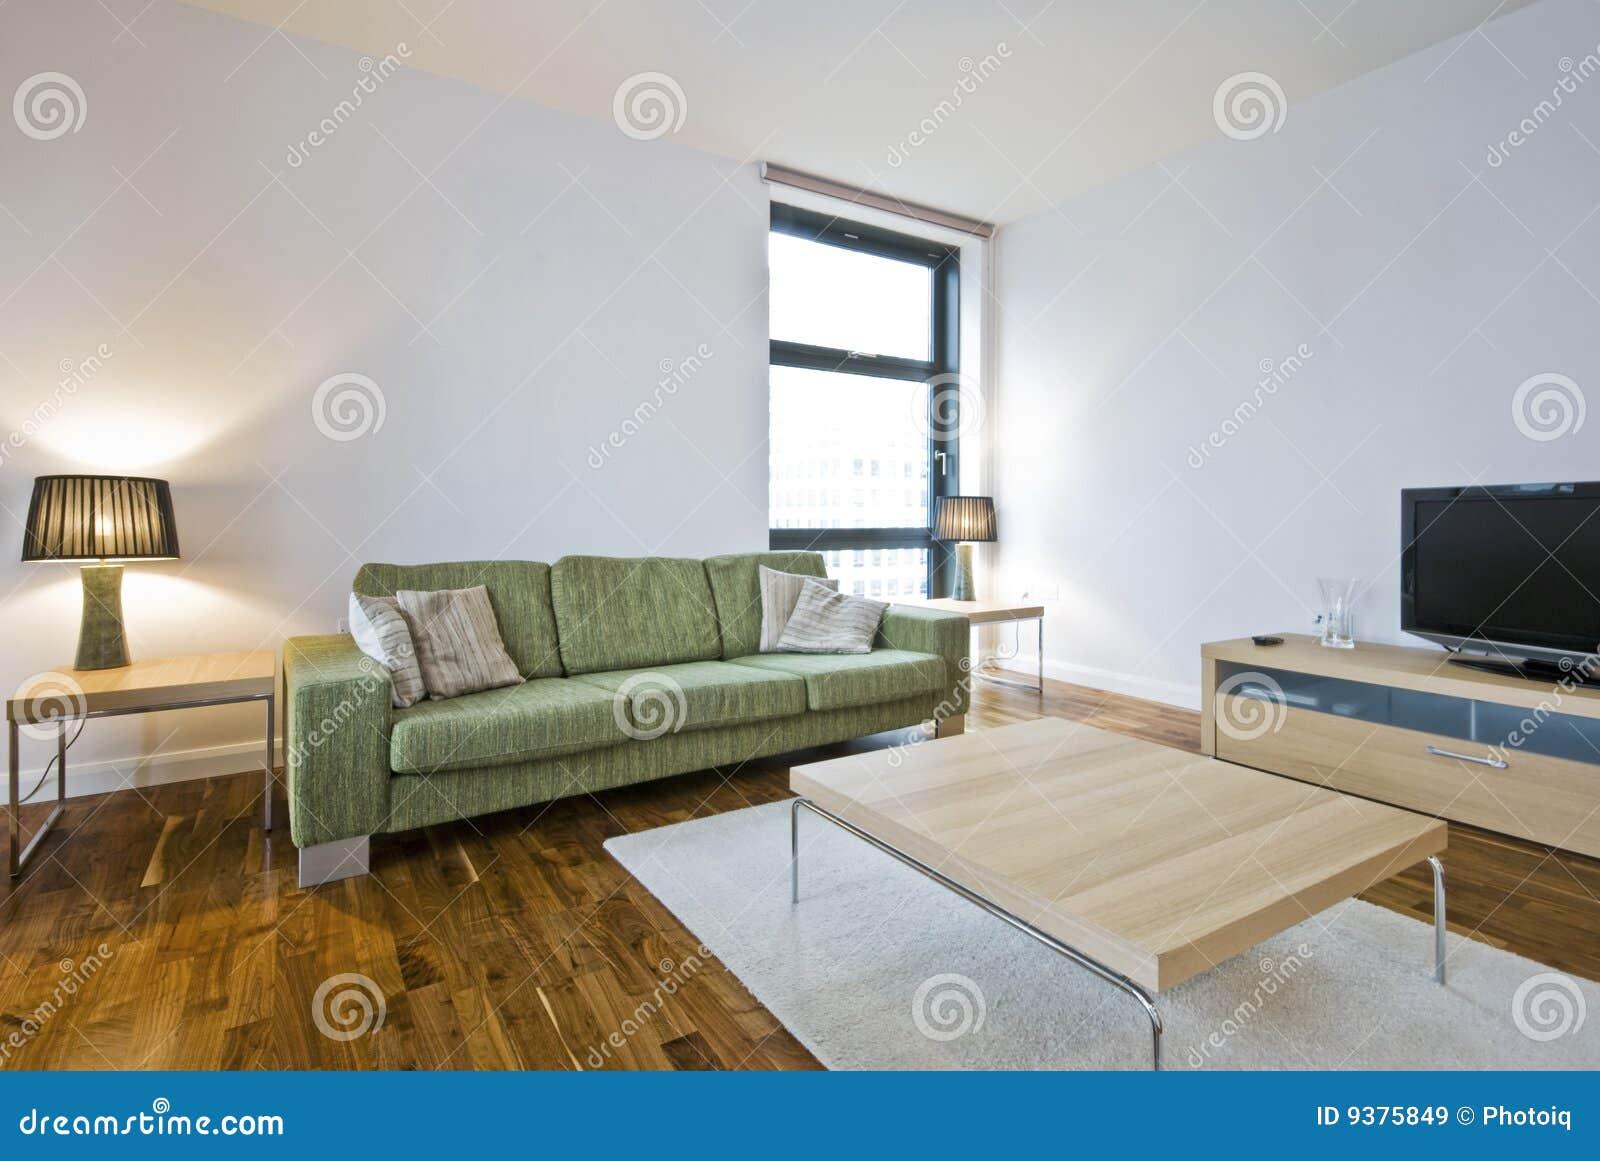 Salotto Moderno Verde : Salotto moderno immagine stock immagine di pavimentazione